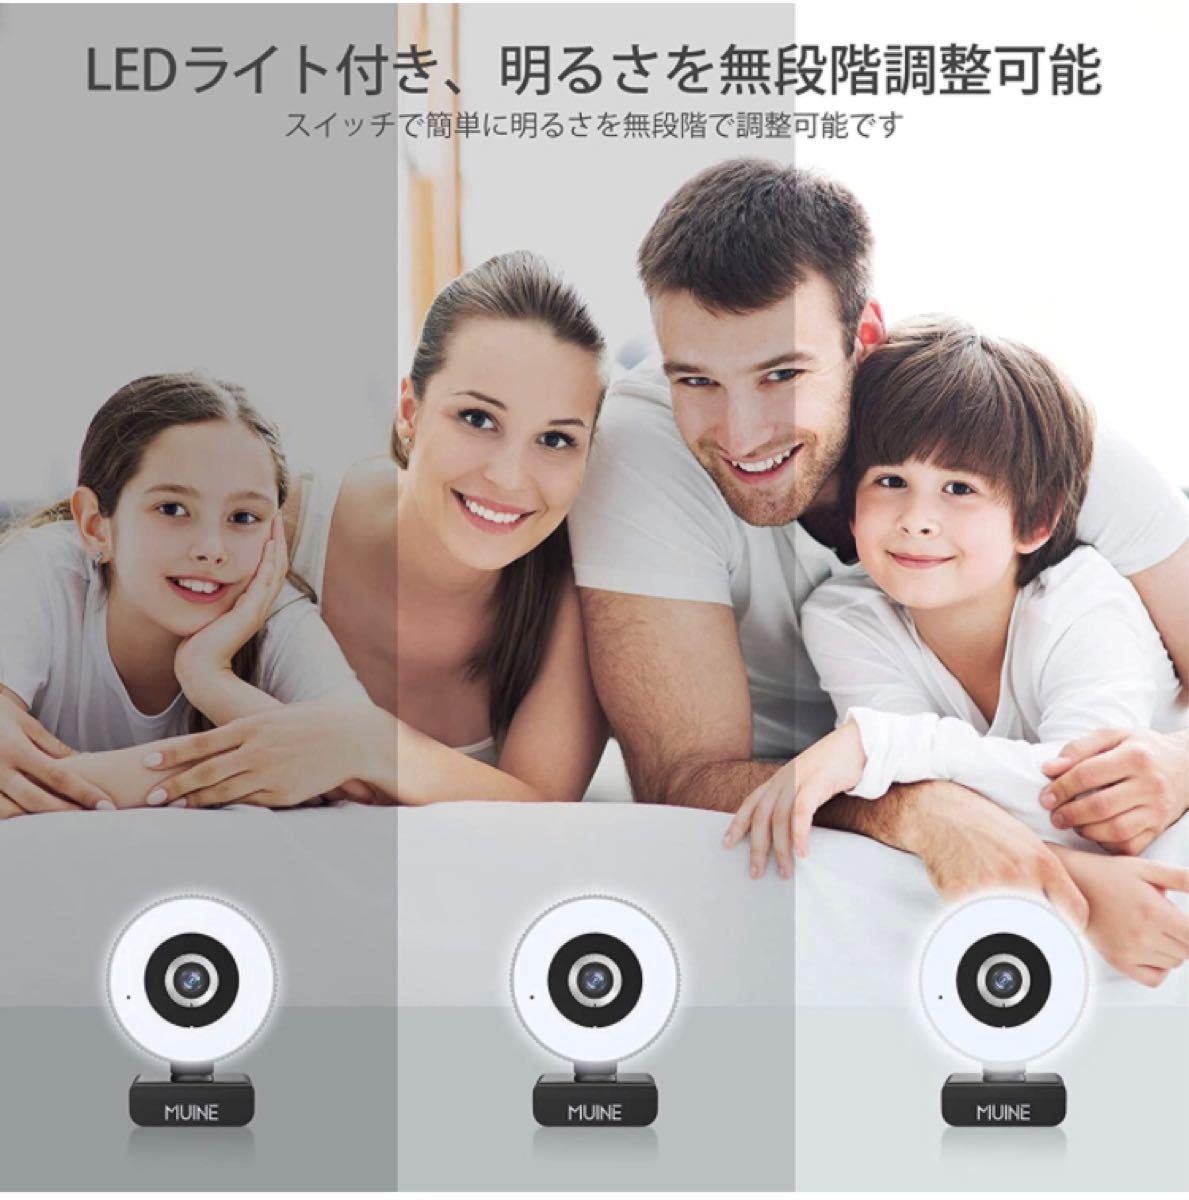 ウェブカメラ フルHD1080P 200万画素 高画質 オートフォーカス 三脚付き LEDライト付WinXP7/8/10 OS対応